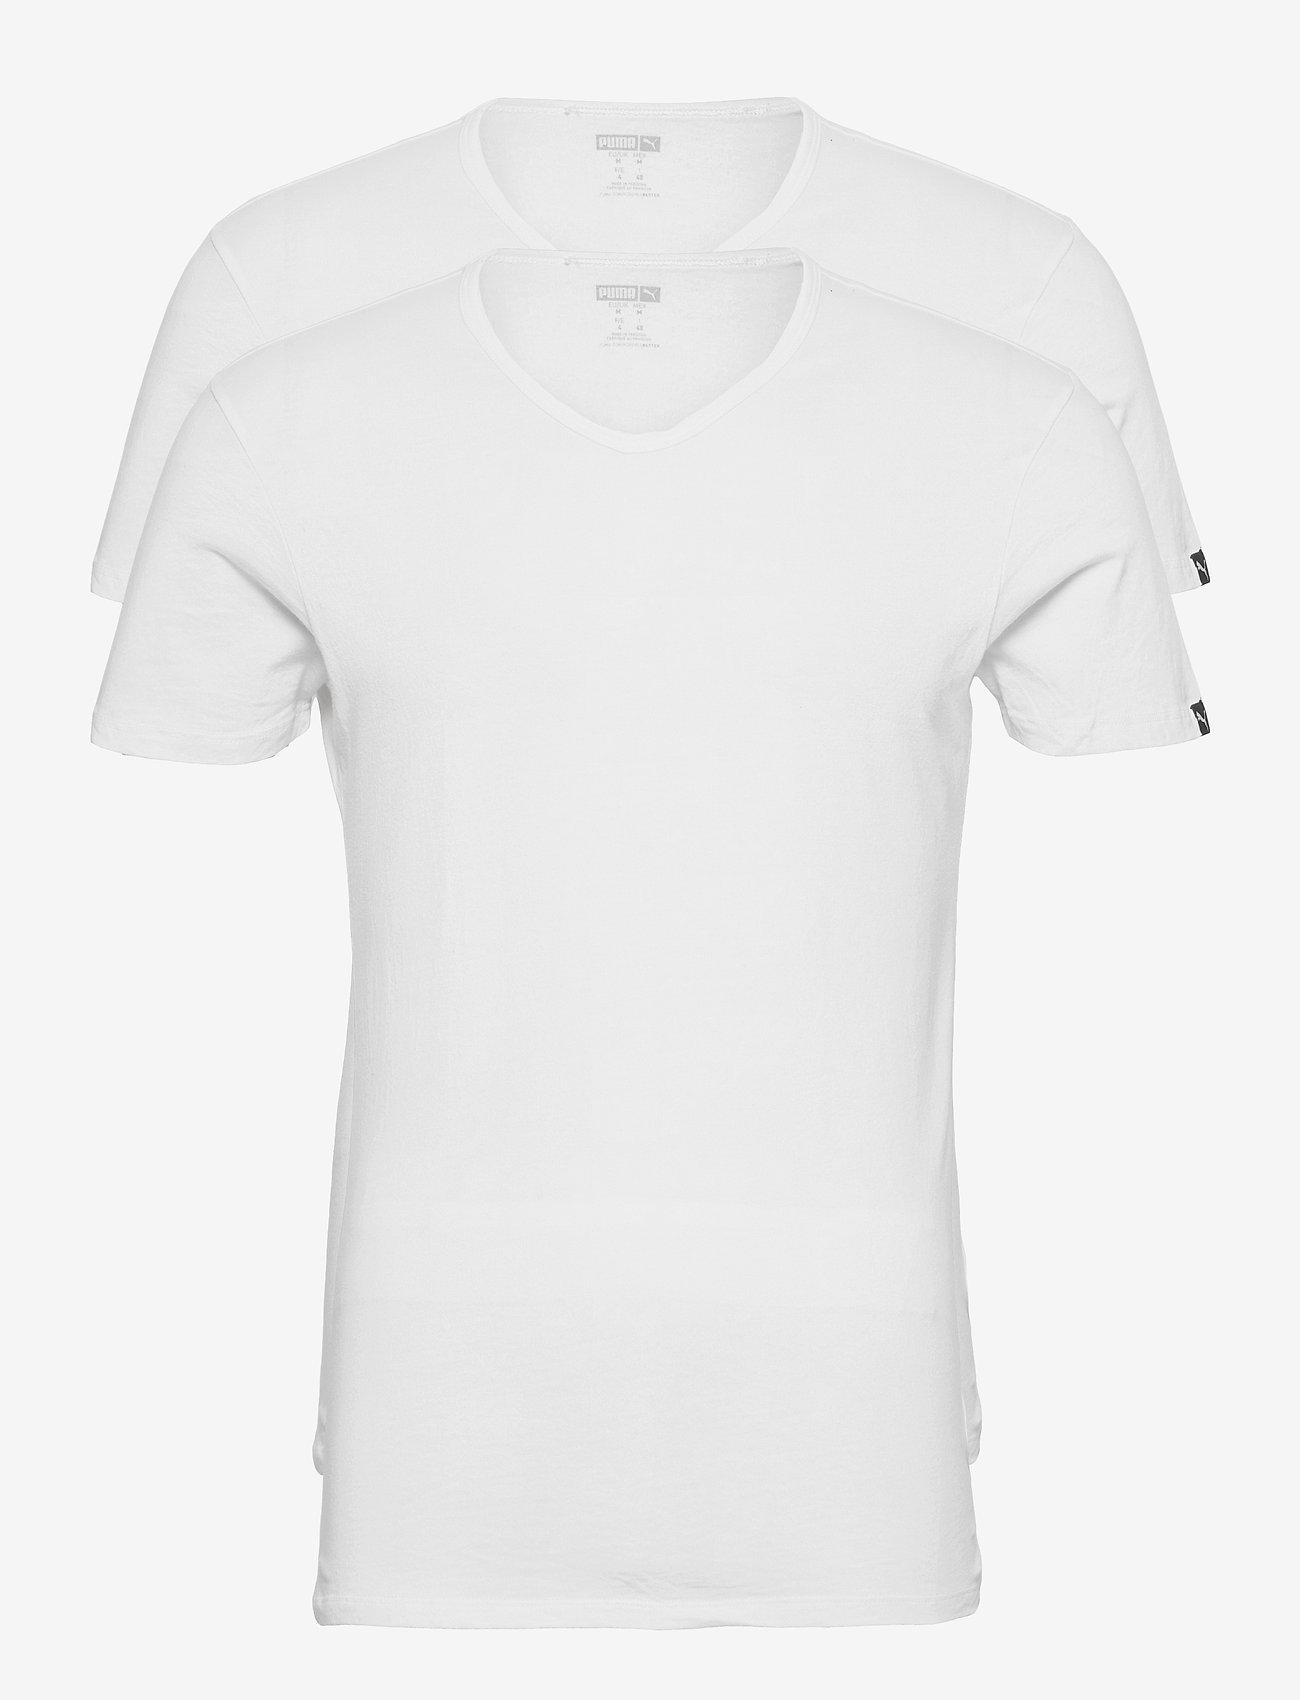 PUMA - PUMA BASIC 2P V-NECK - t-shirts - white - 1